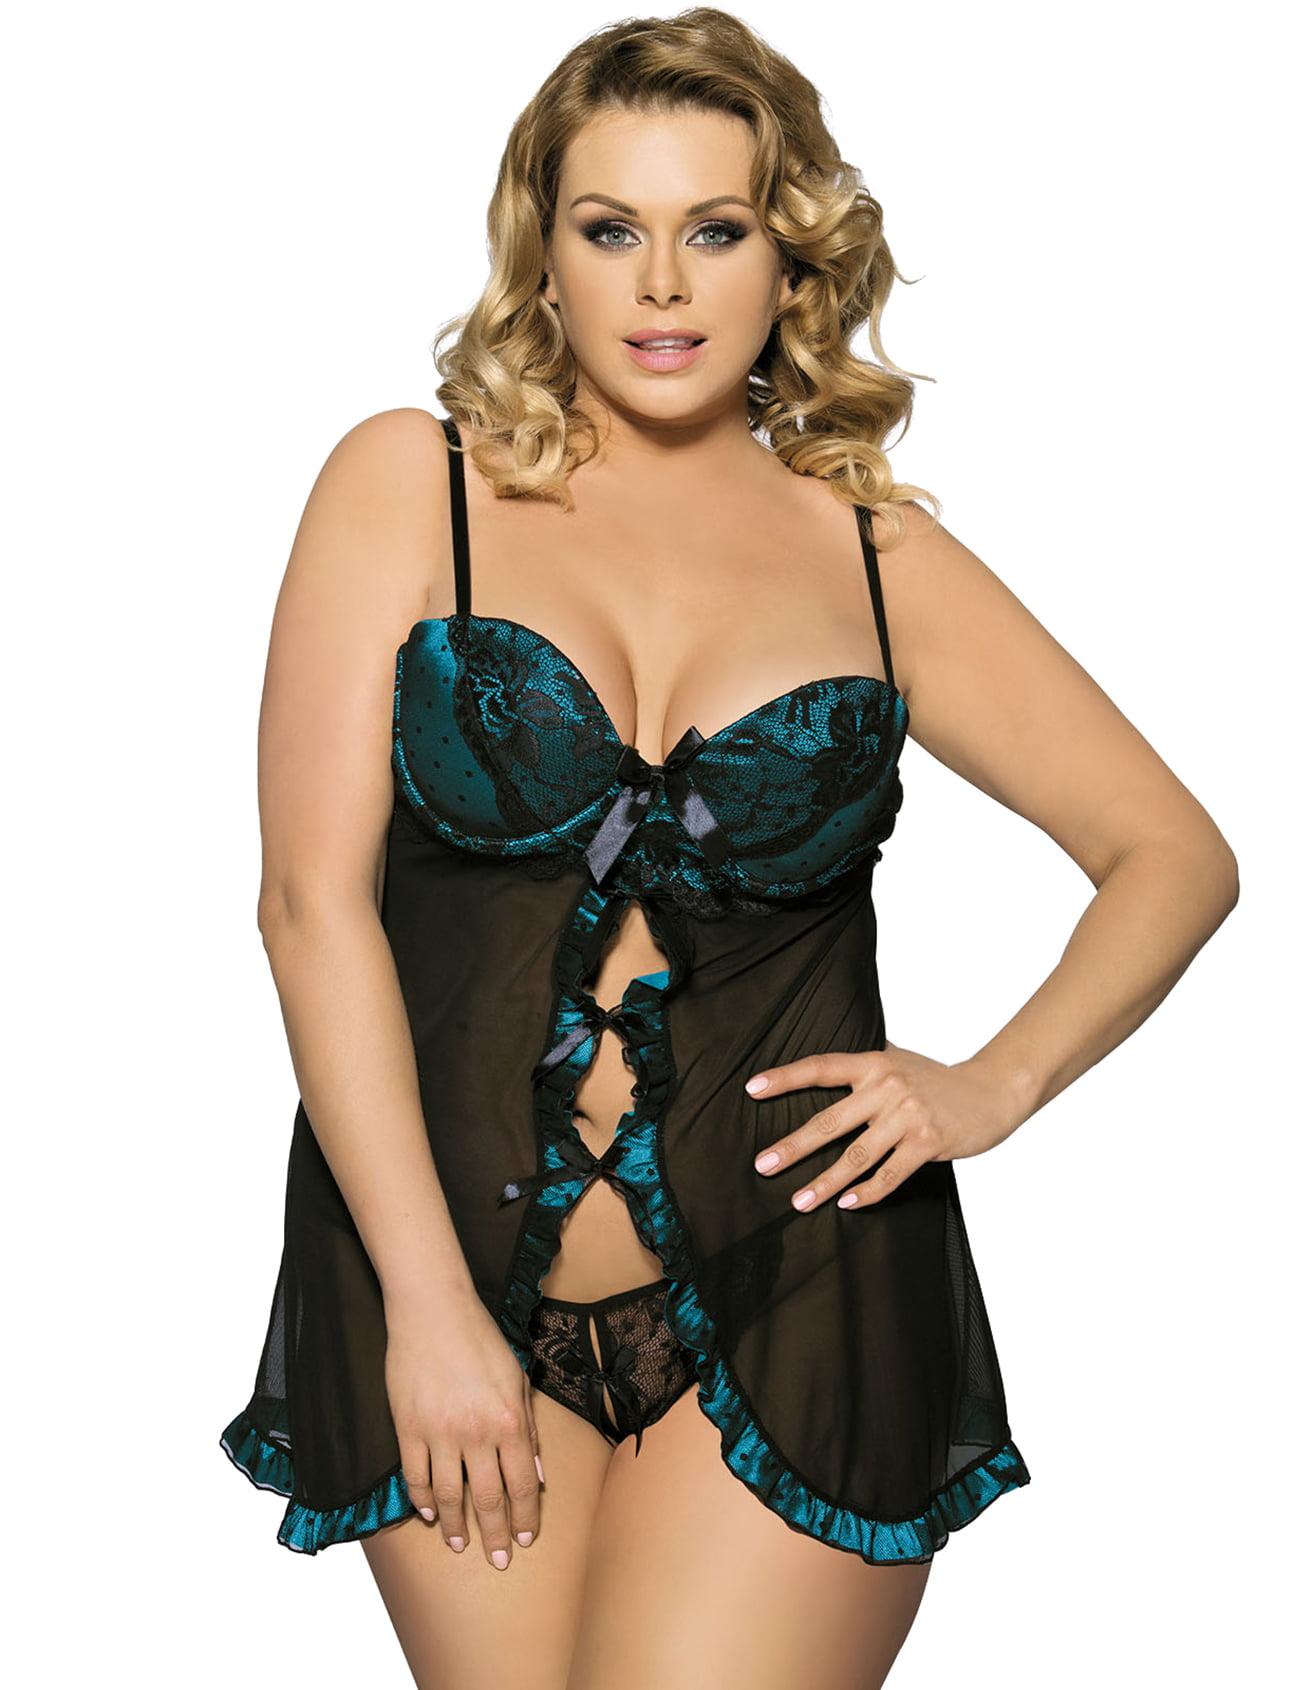 jenniwears women's plus size sexy stretch mesh babydoll w/underwire cups